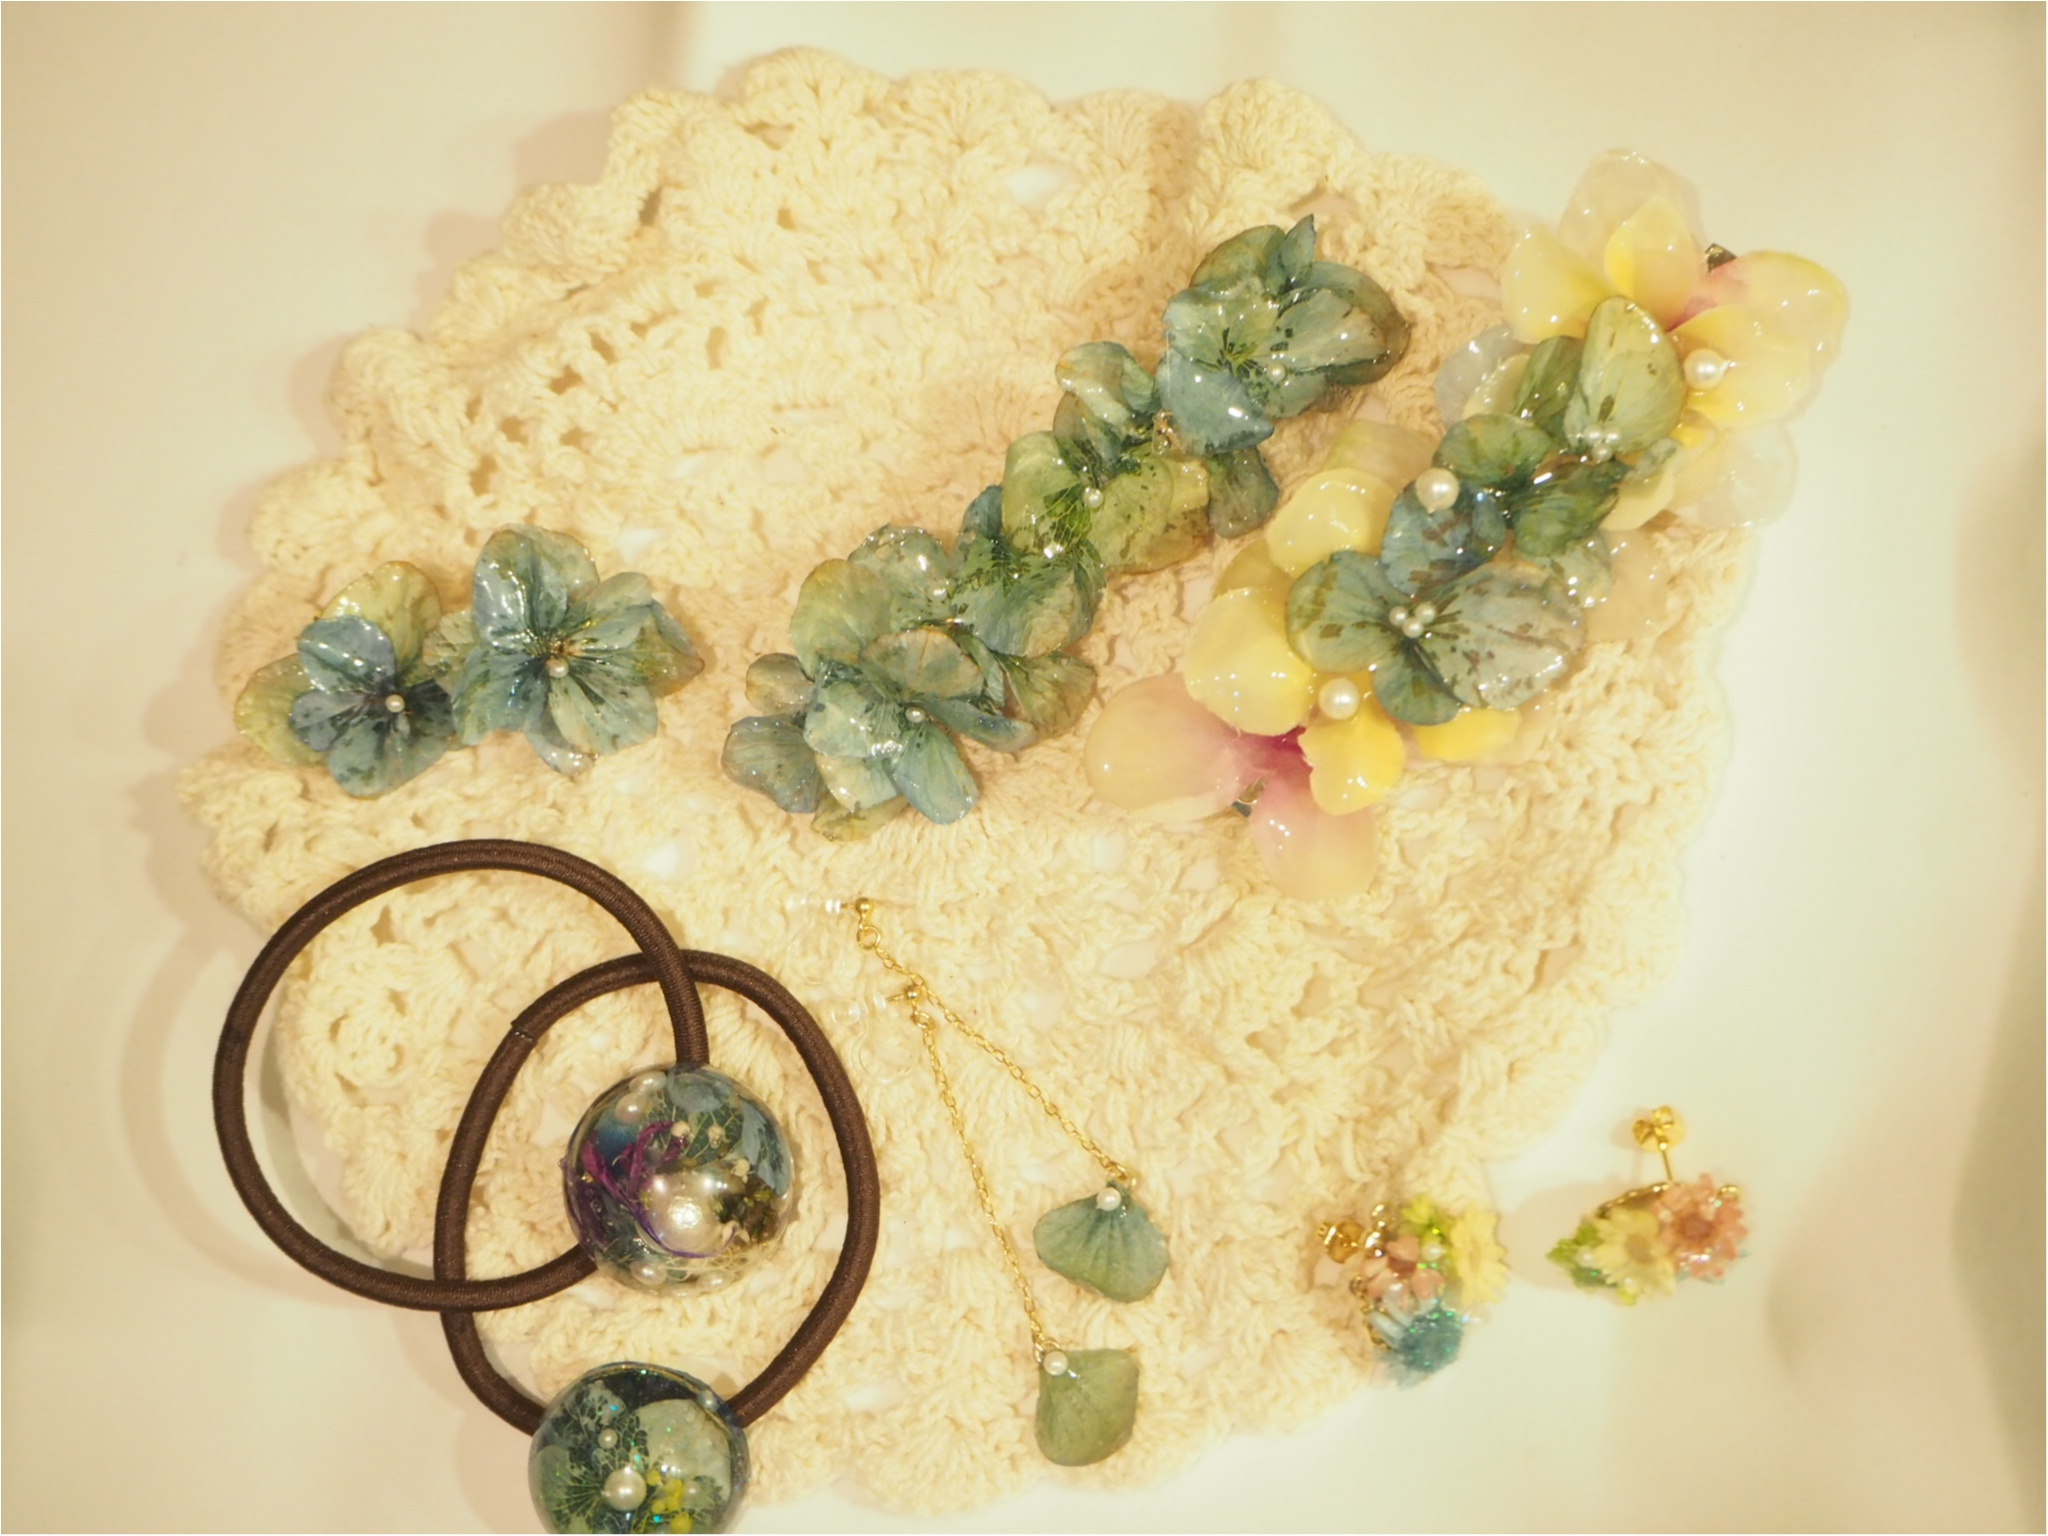 【ハンドメイド部】UVレジンを使って結婚式でいただいたお花を『ドライフラワーアクセサリー』にしてみました。_11